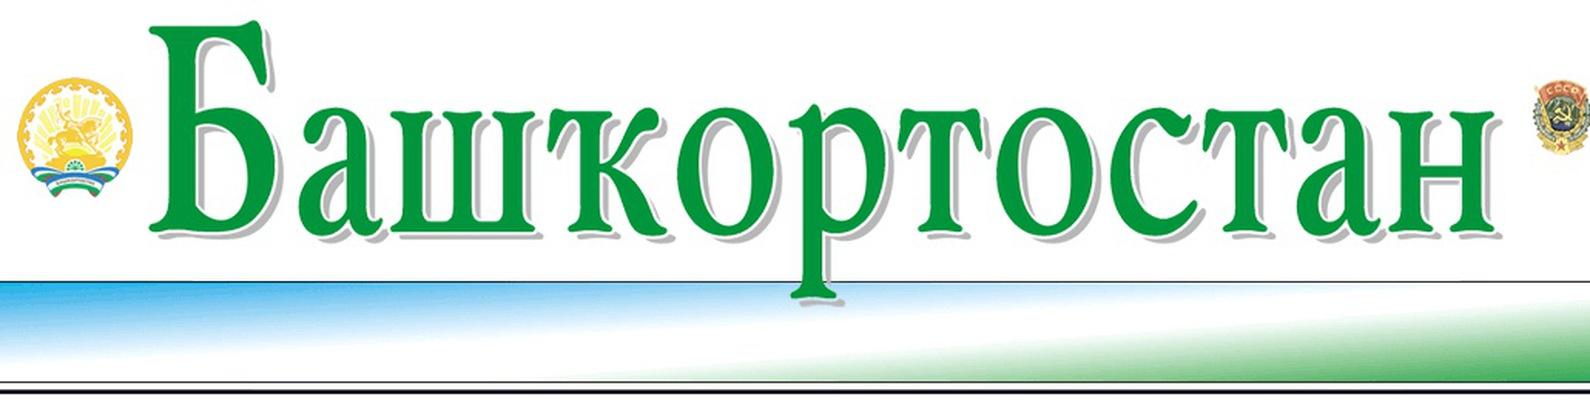 Картинка с надписью по башкирский, умными словами